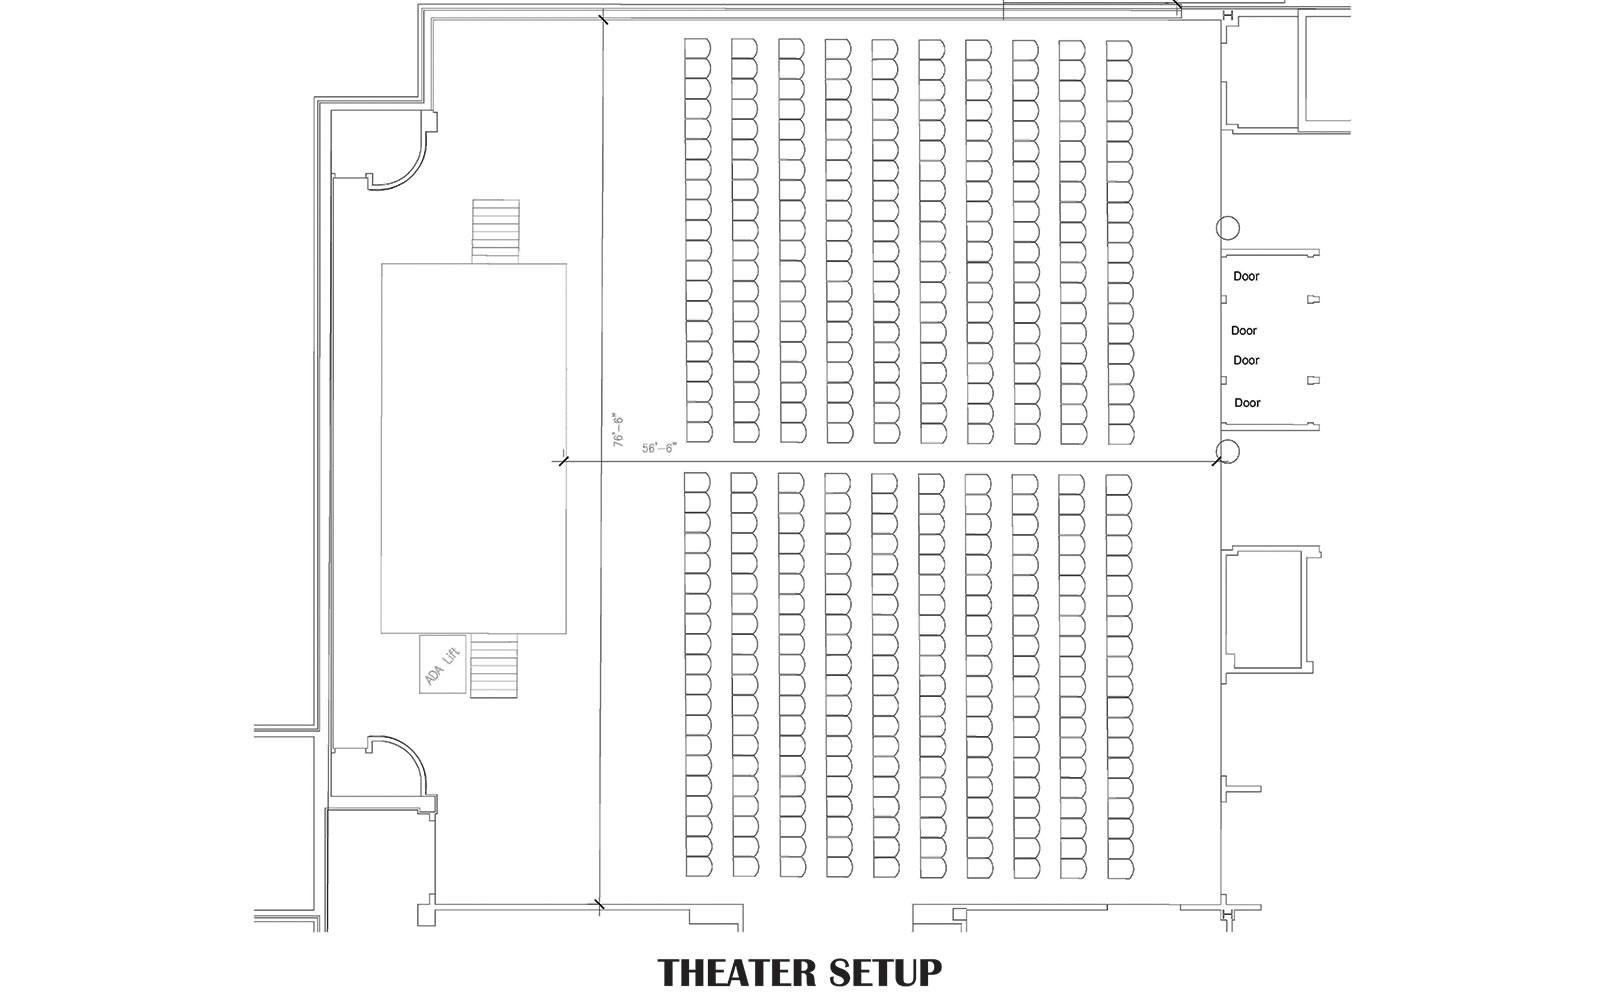 Ohio Room Details